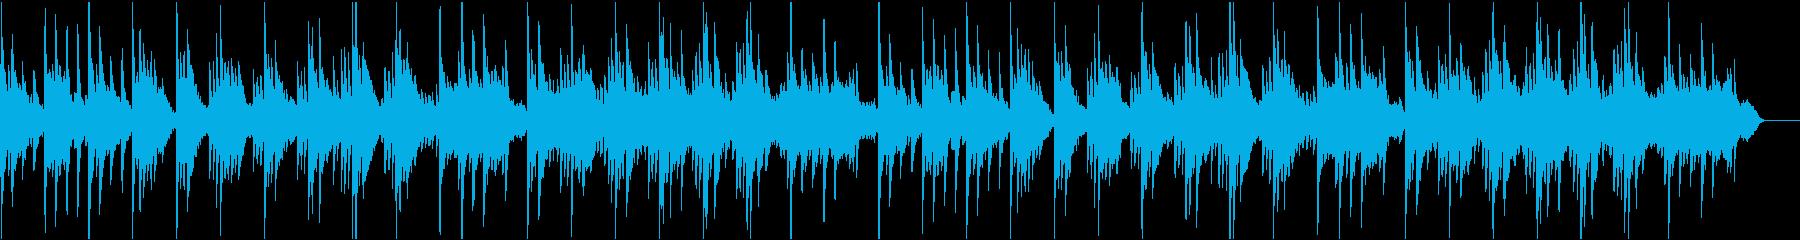 ピアノメインの落ち着いたヒーリングBGMの再生済みの波形